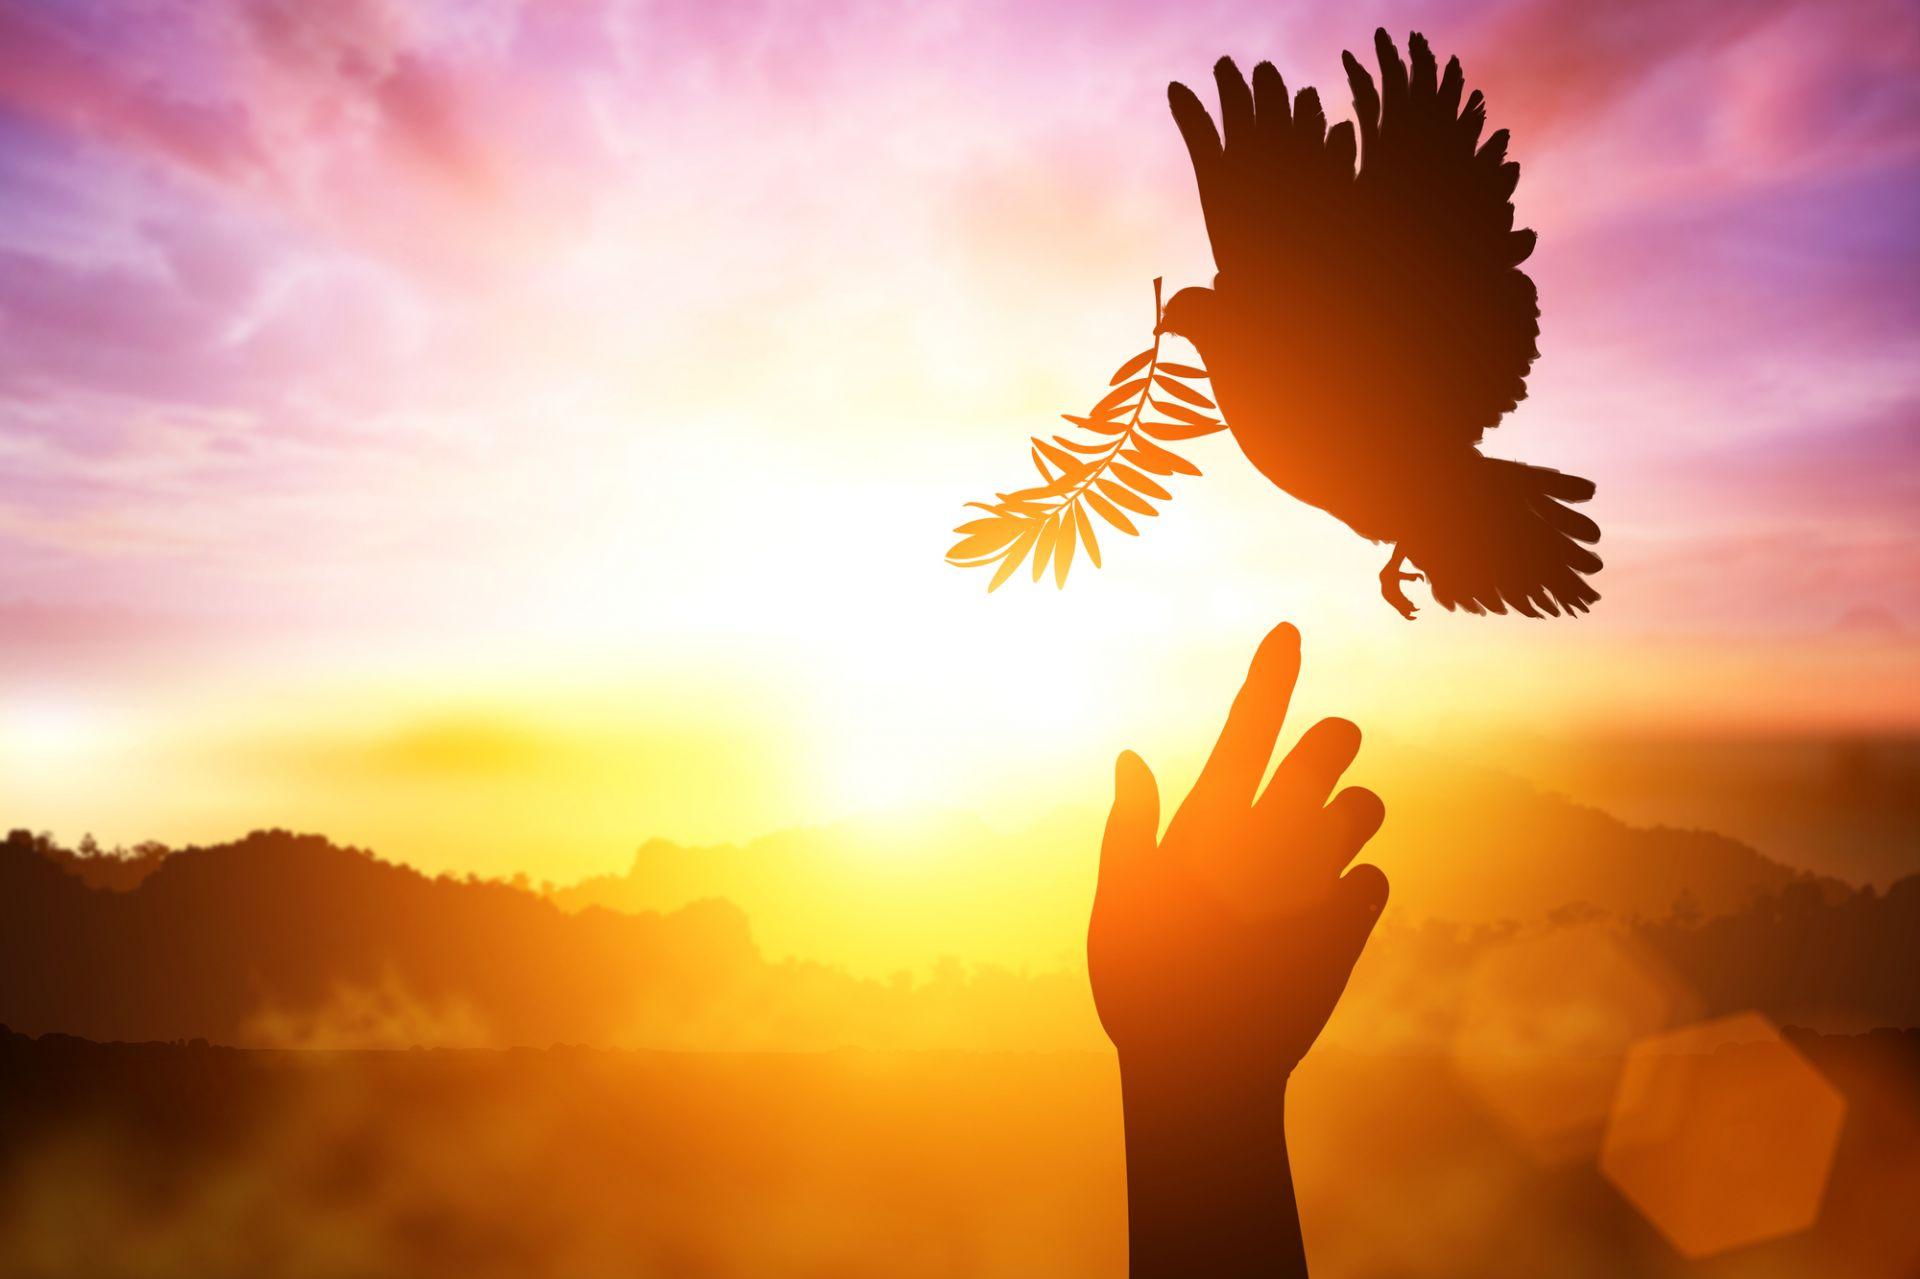 Coronavírus. Dom Hiiboro: 'Deus transforma os sofrimentos e cura'